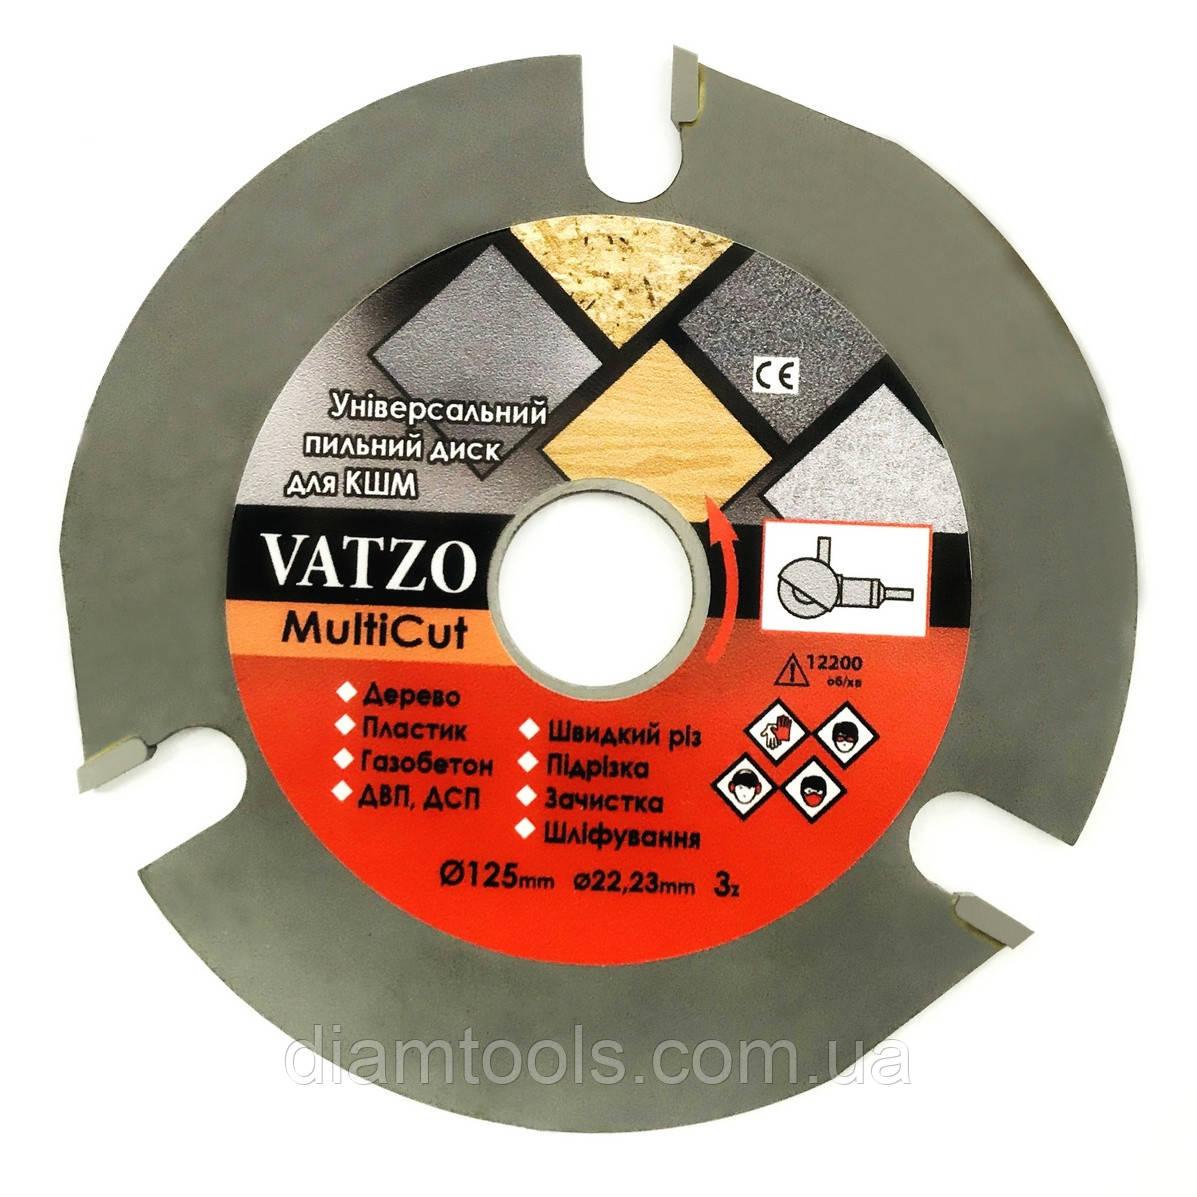 Безопасный трехзубый пильный диск на болгарку (УШМ) Vatzo MultiCut 125мм